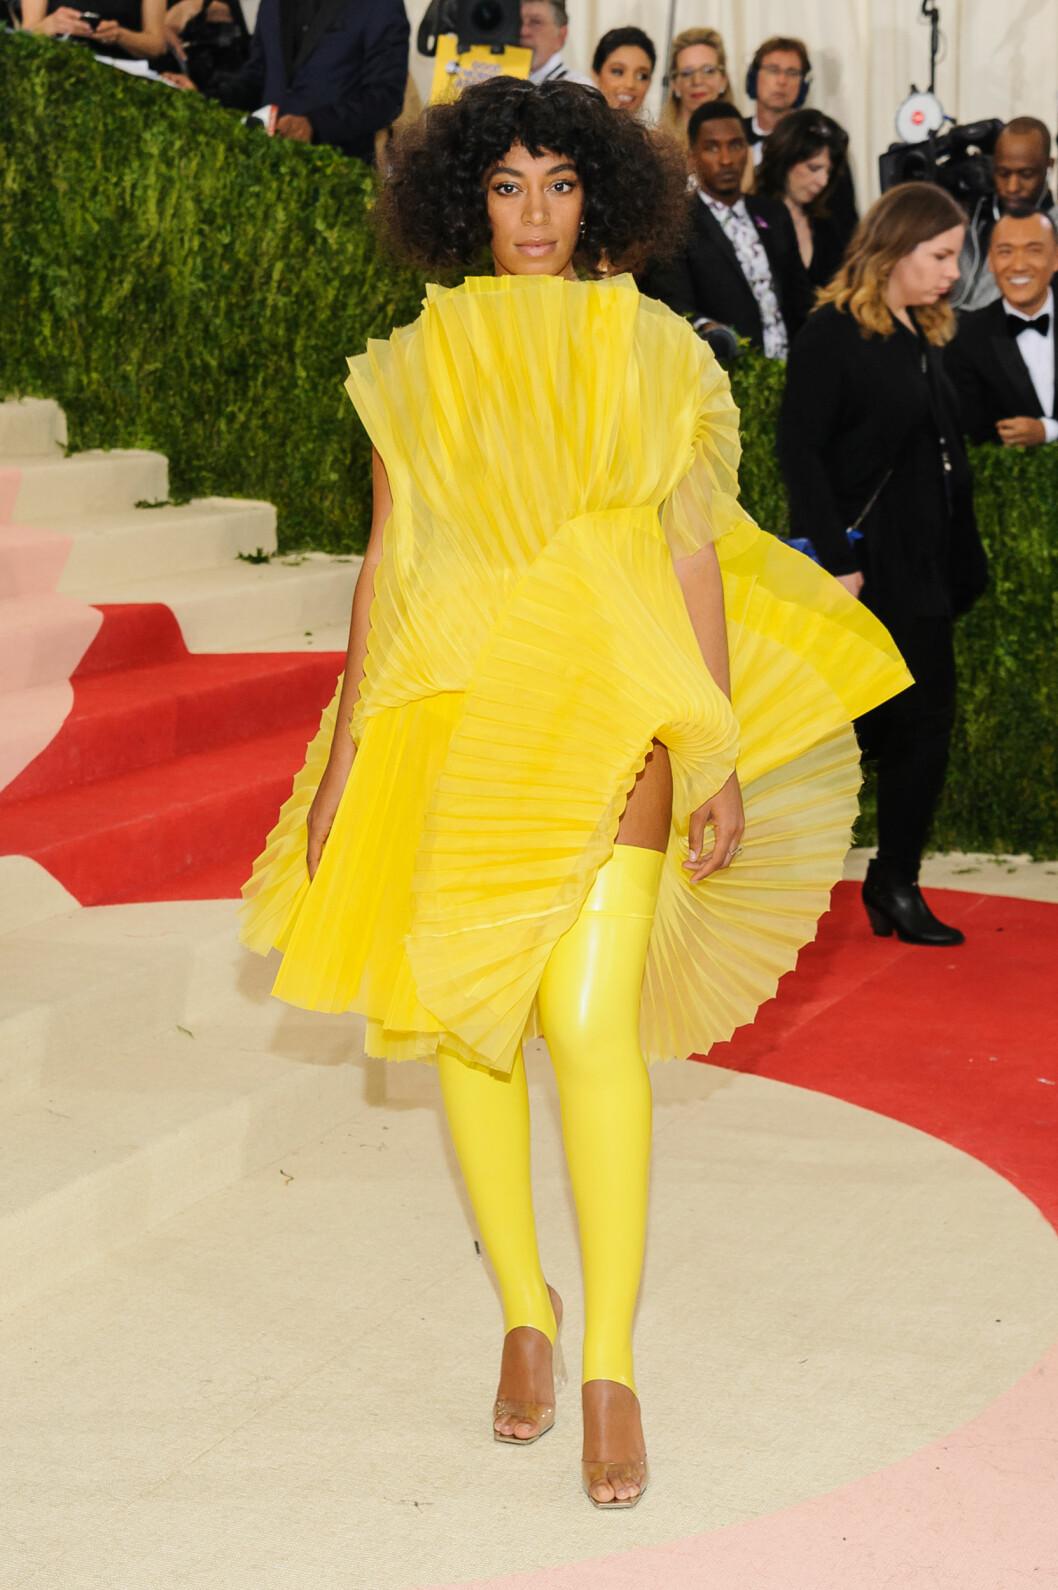 DRUKNET: Solange Knowles er tøff som velger noe originalt, men de mange rysjene på dette David LaPort-antrekket gjorde at hun forsvant litt. Legg merke til fottøyet i lateks!   Foto: Splash News